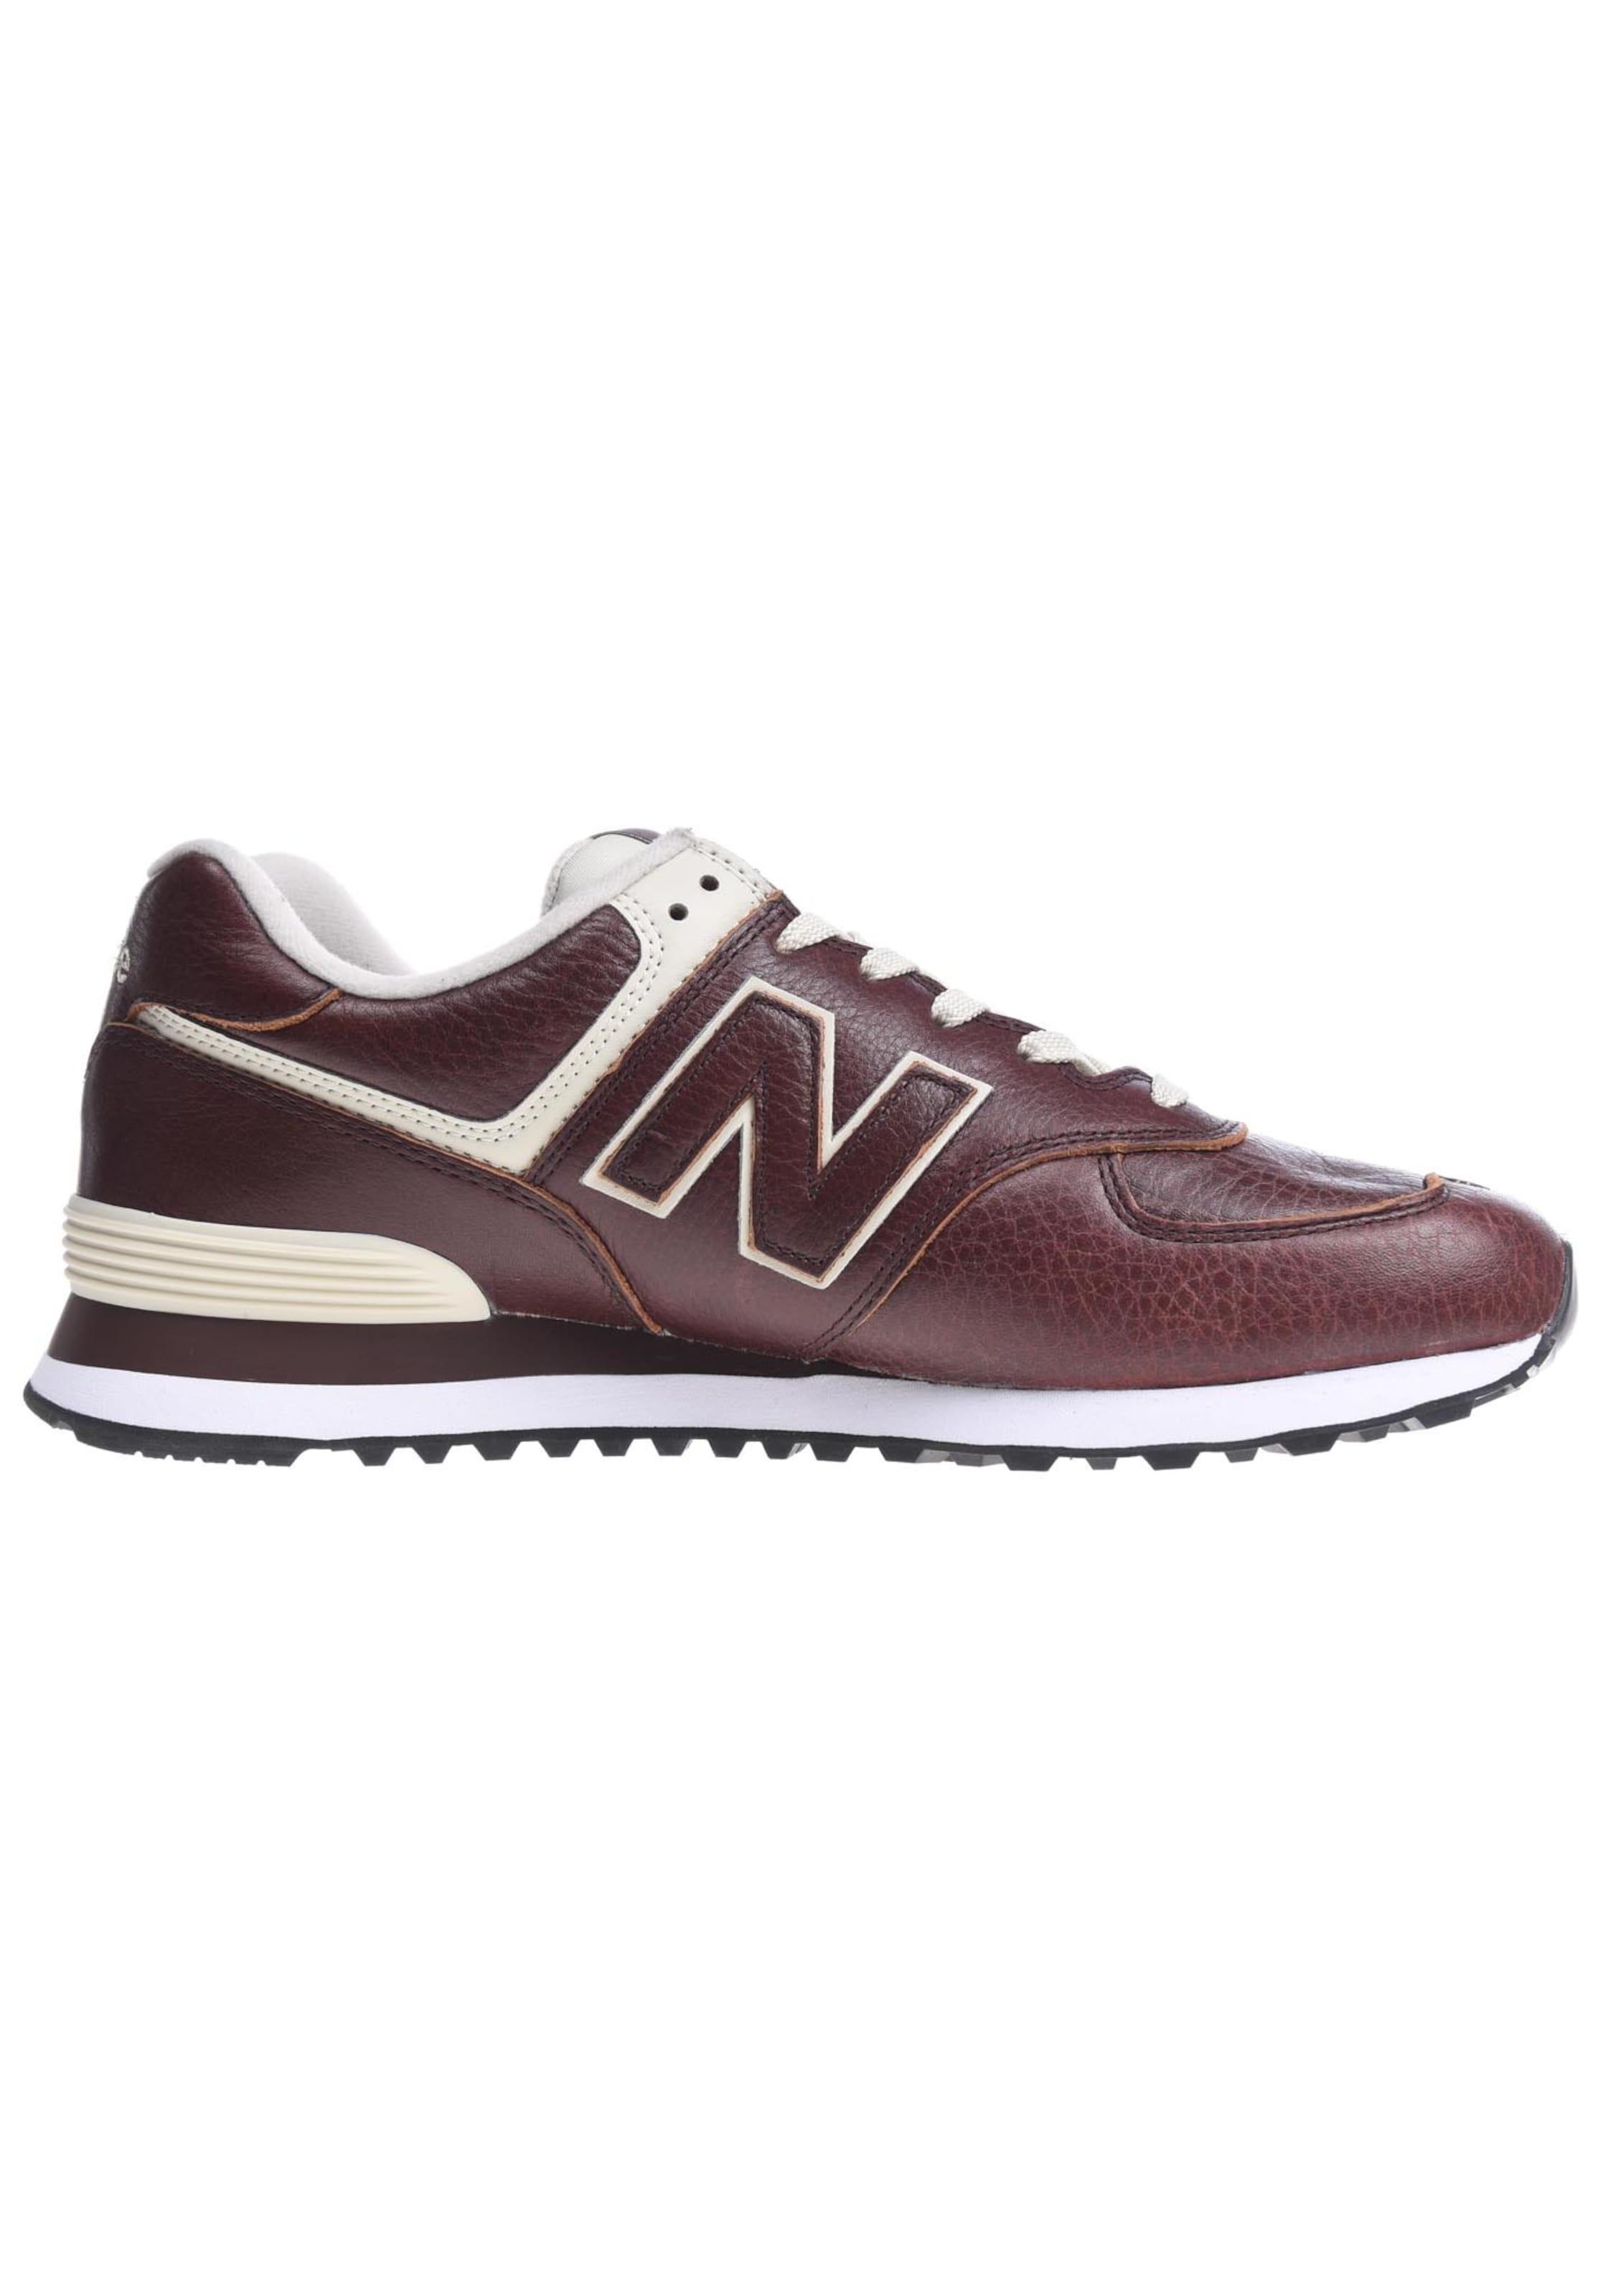 Balance HellbraunWeinrot Weiß In Sneaker D' New 'ml574 dsxtQrCh